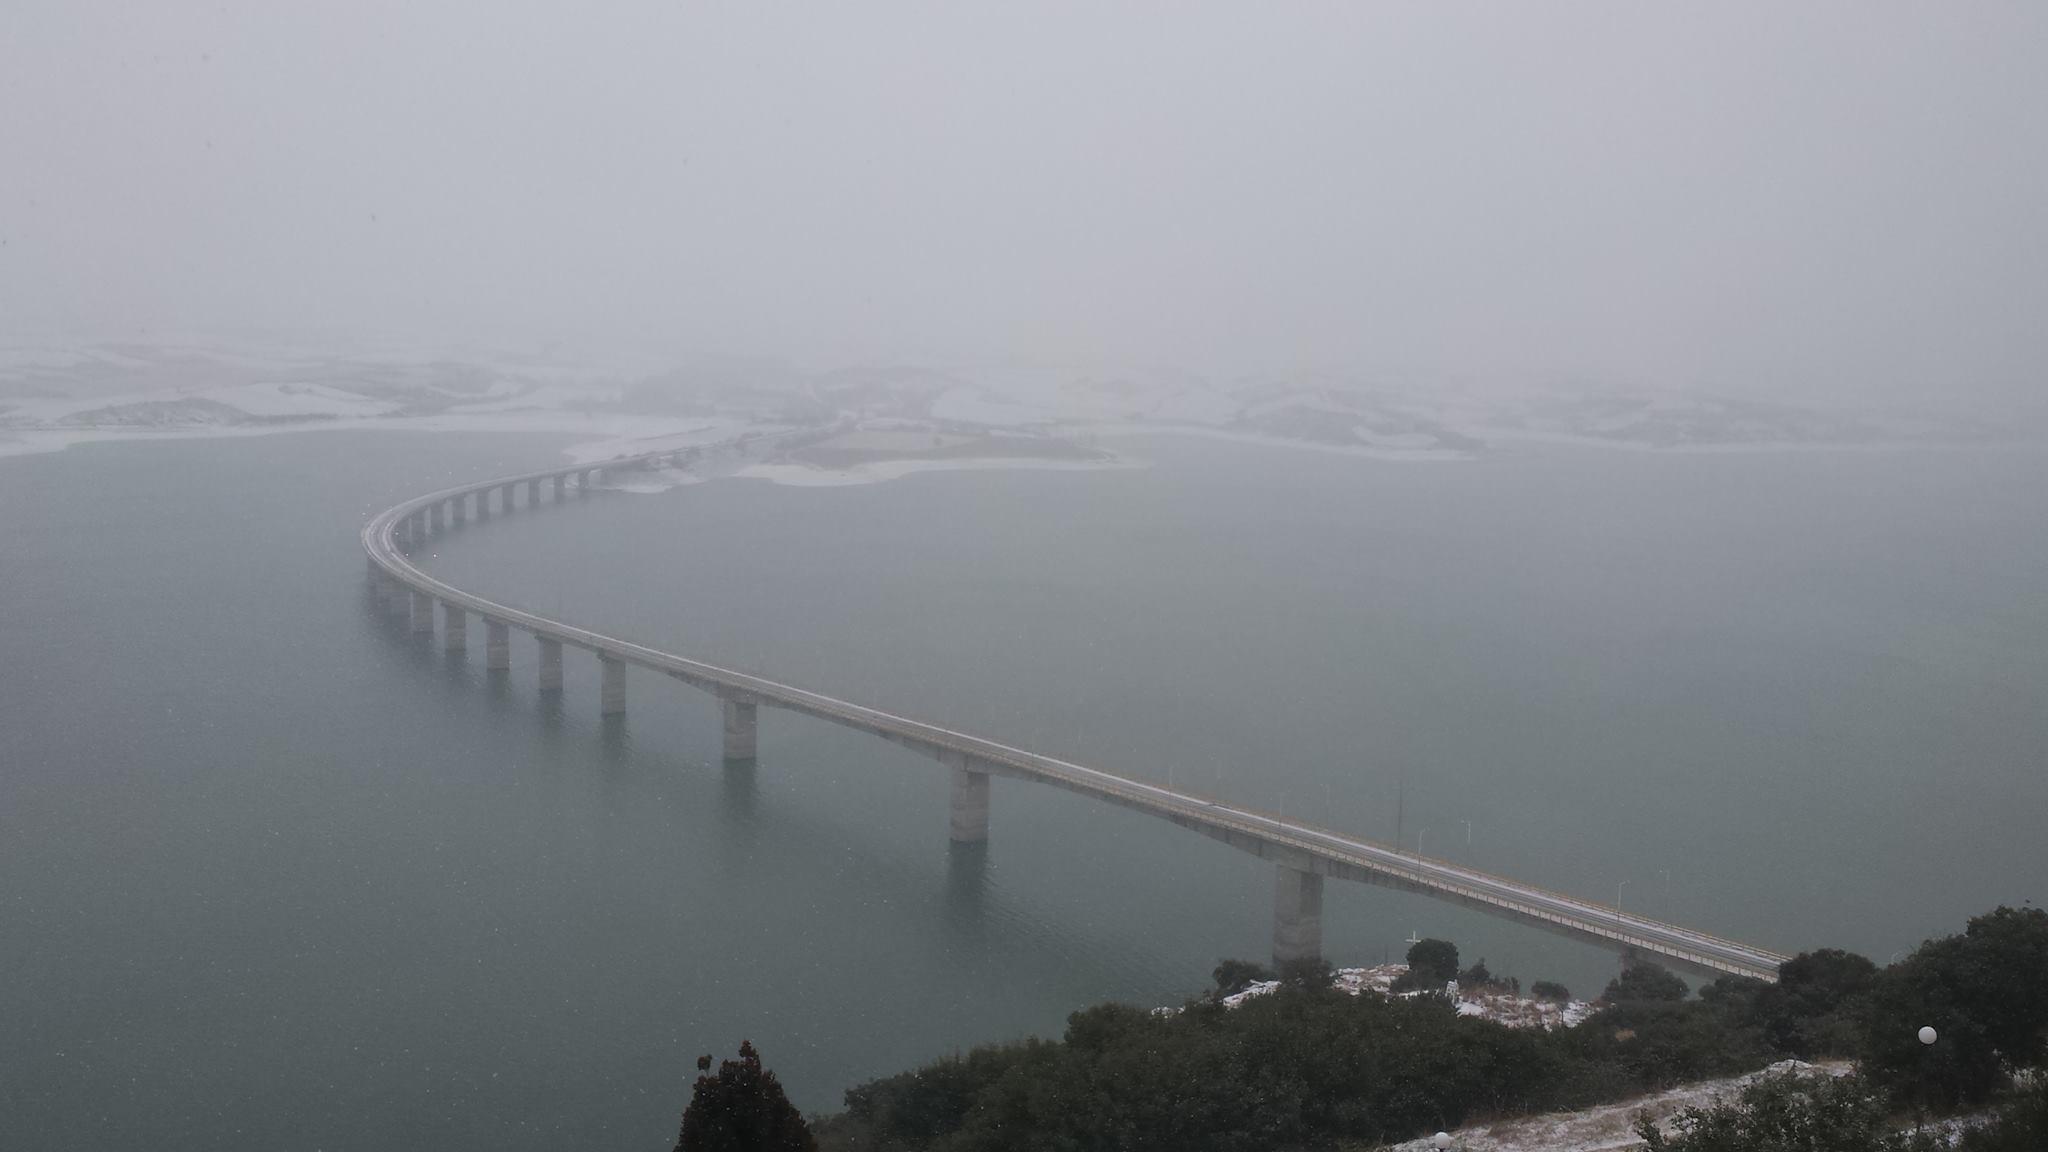 Σημερινή (7/1) φωτογραφία από την παγωμένη γέφυρα των Σερβίων